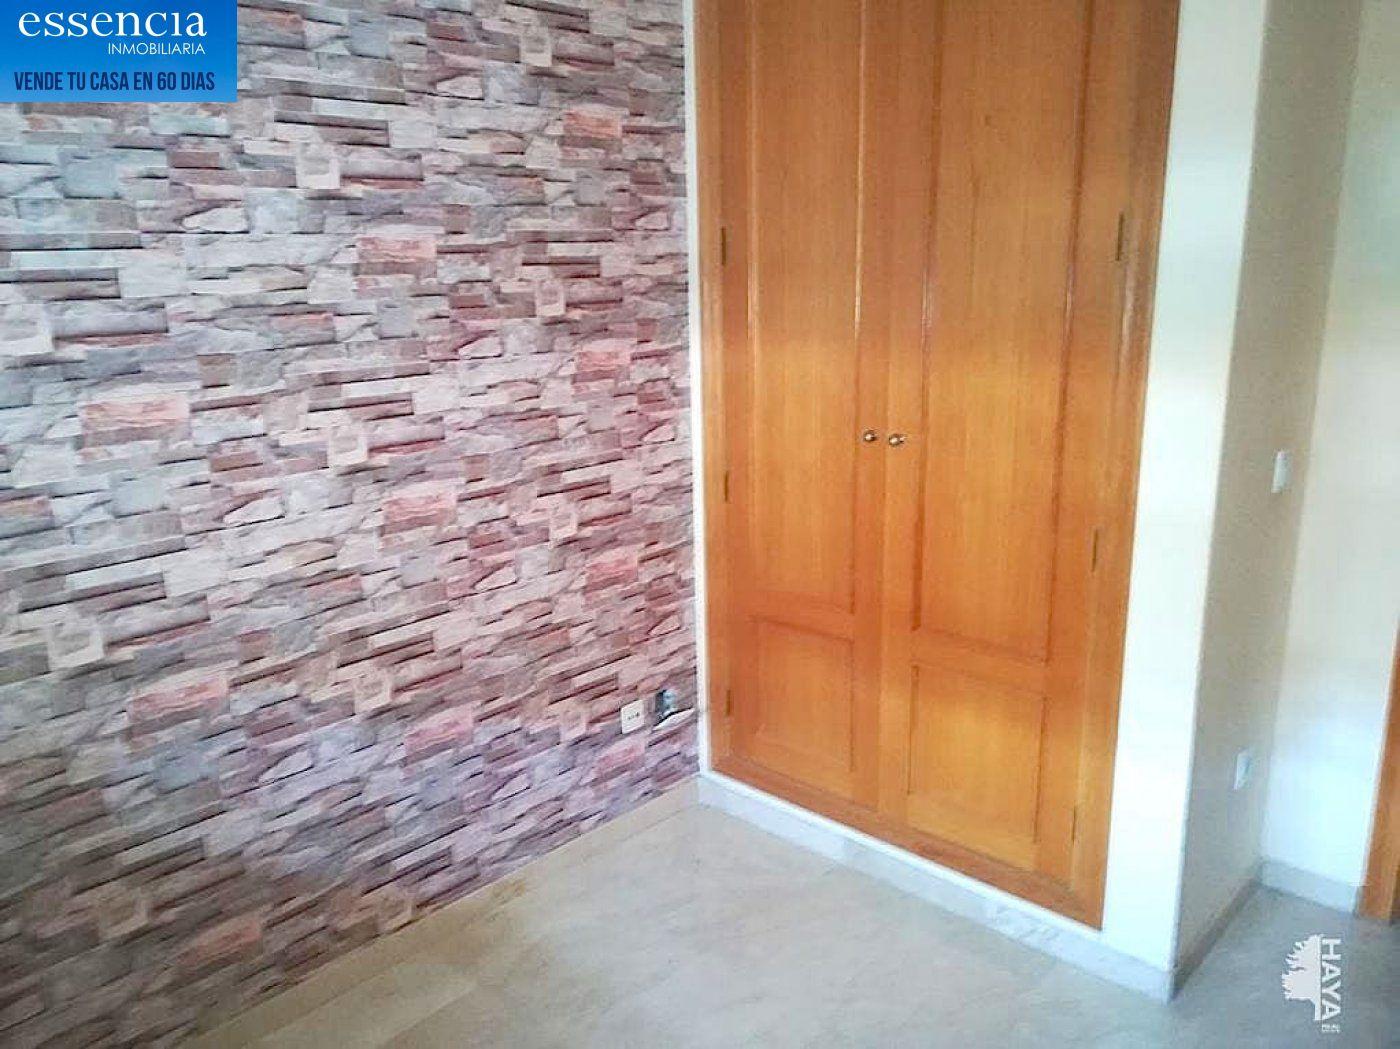 Apartamento de 2 dormitorios y 2 baños con salón con balcón. - imagenInmueble33